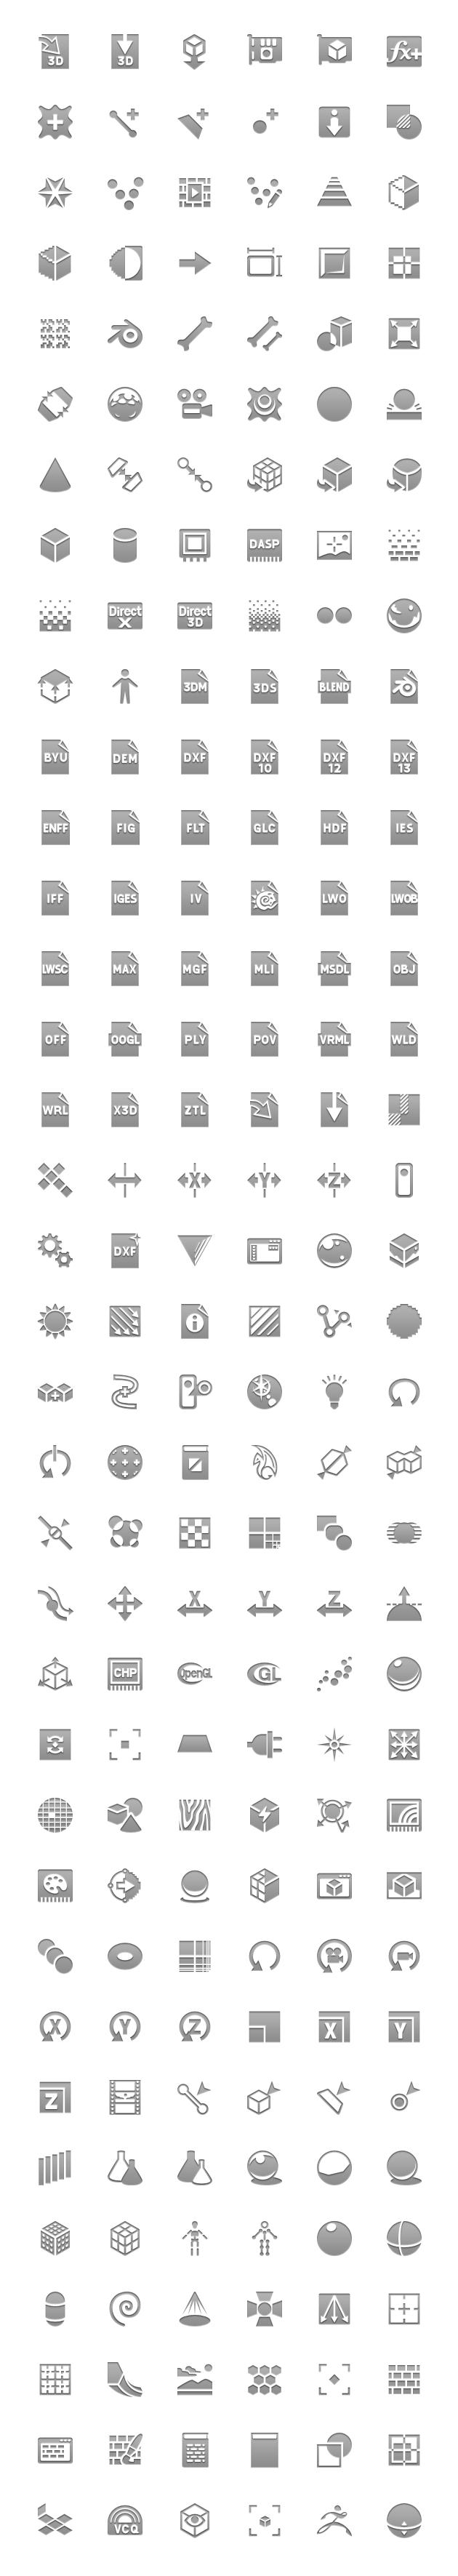 android 3d design menu hdpi